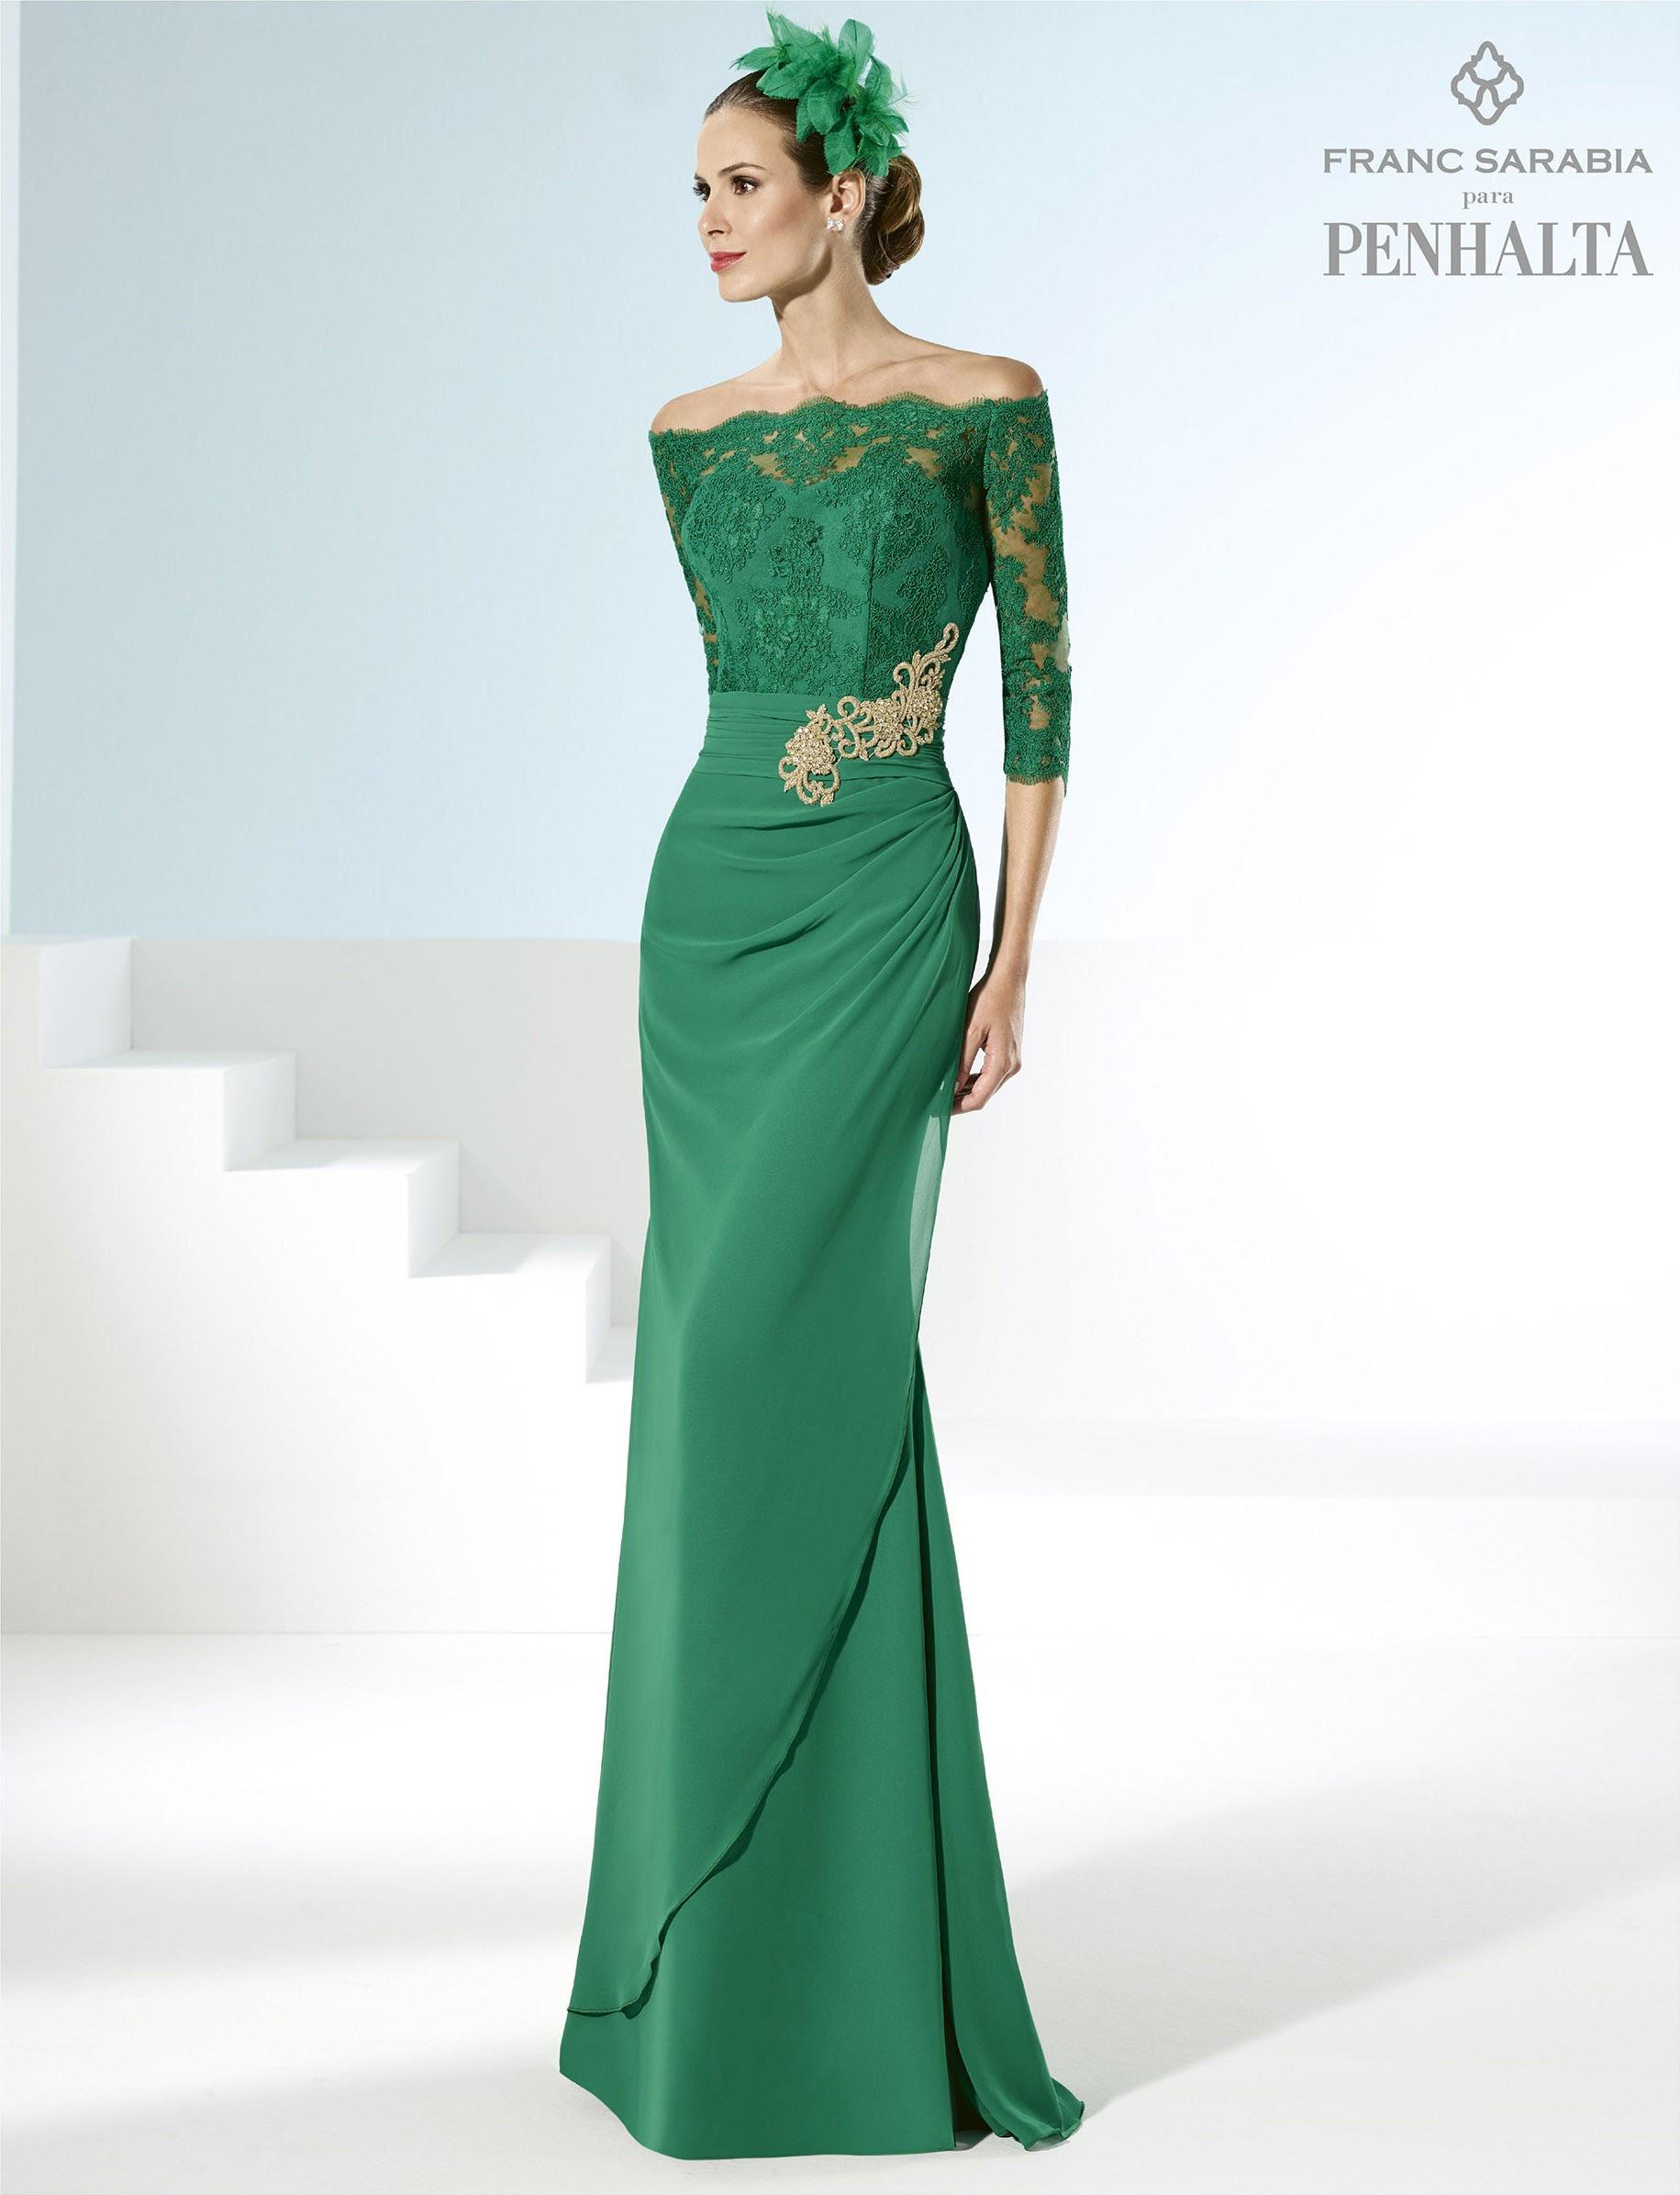 Vestido de novia TALGO1 - penhalta